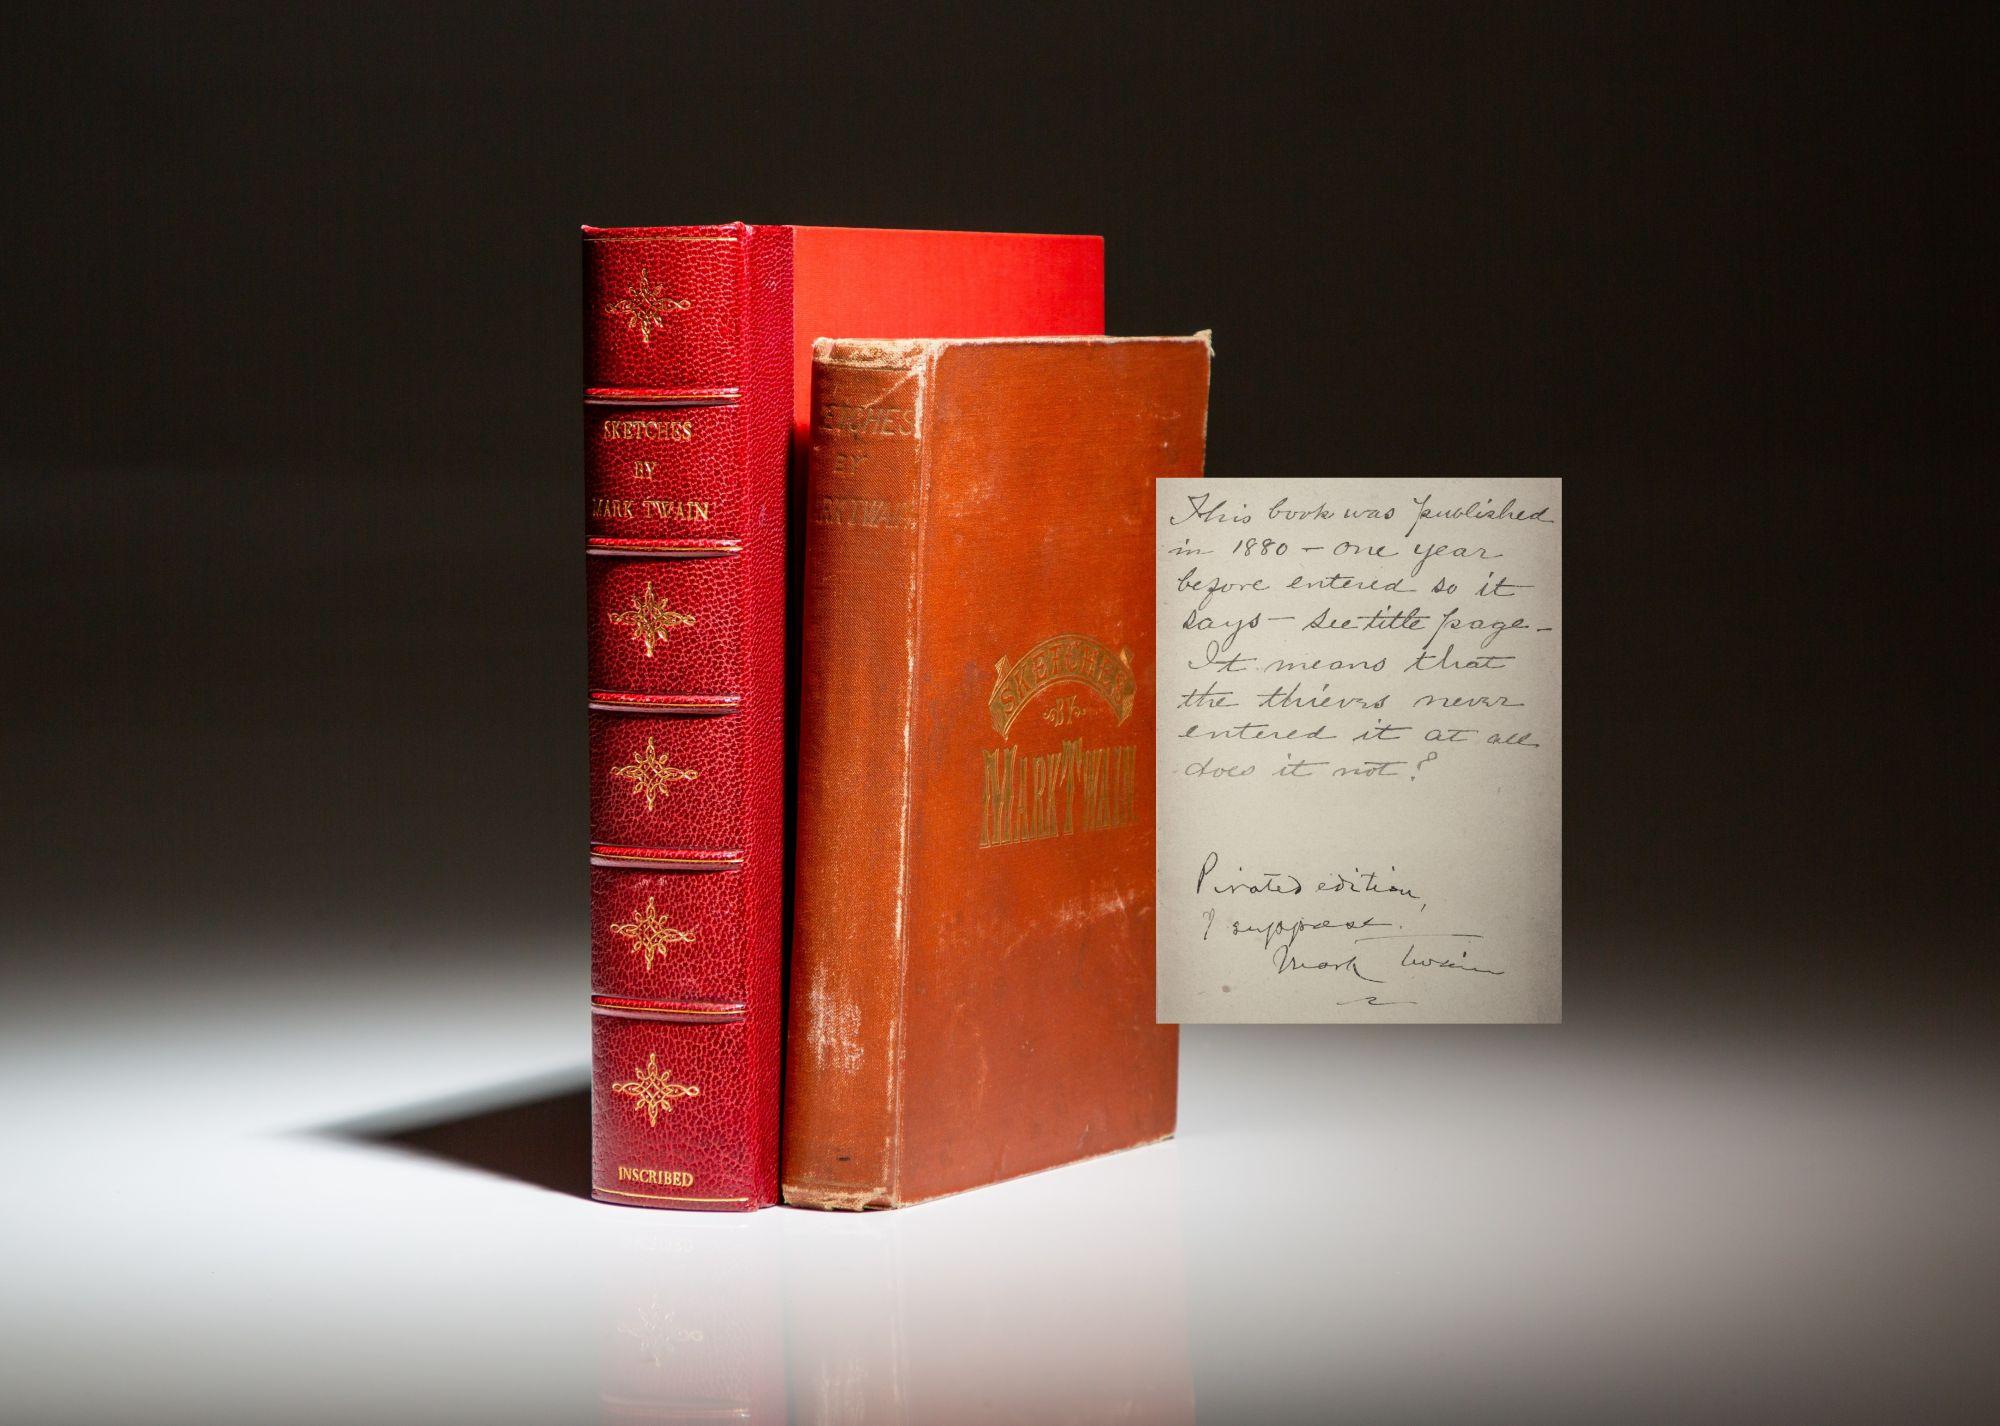 """Un esemplare unico di """"Sketches"""" del 1881 (appartenuto all'attore Robin Williams) dove Mark Twain scrive nella dedica che si tratta di una copia pirata"""